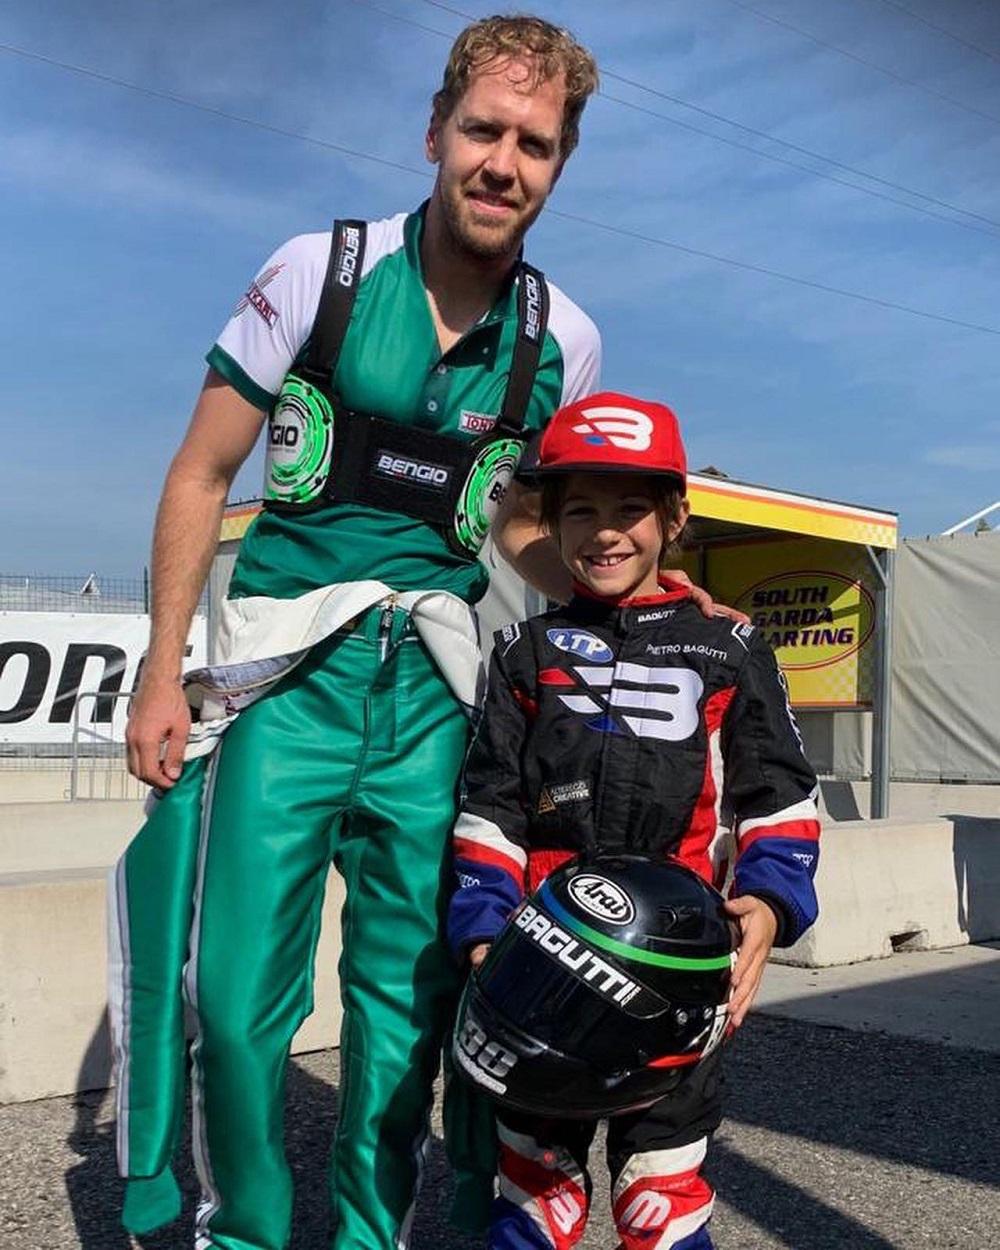 La storia di Pietro, 7 anni, campione di kart. Da grande vuole diventare come Vettel